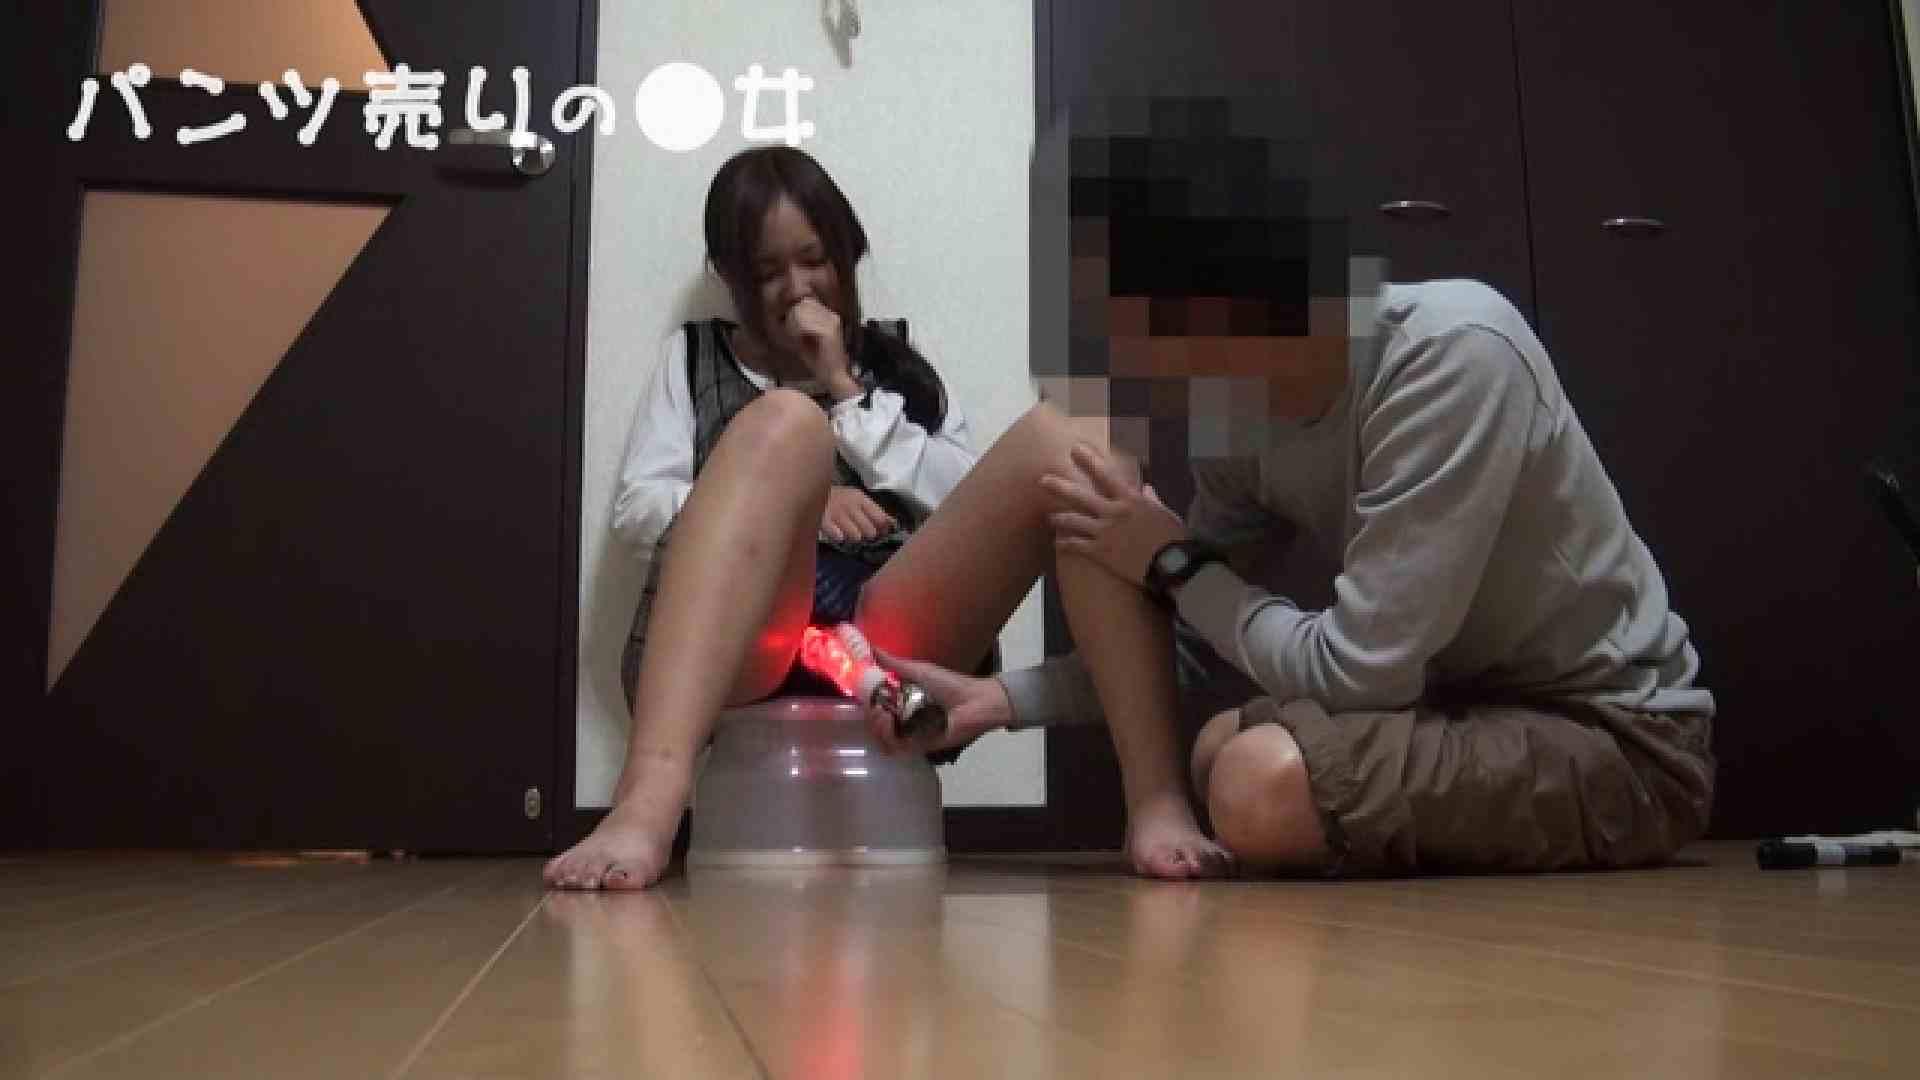 新説 パンツ売りの女の子ayu03 一般投稿  103連発 14